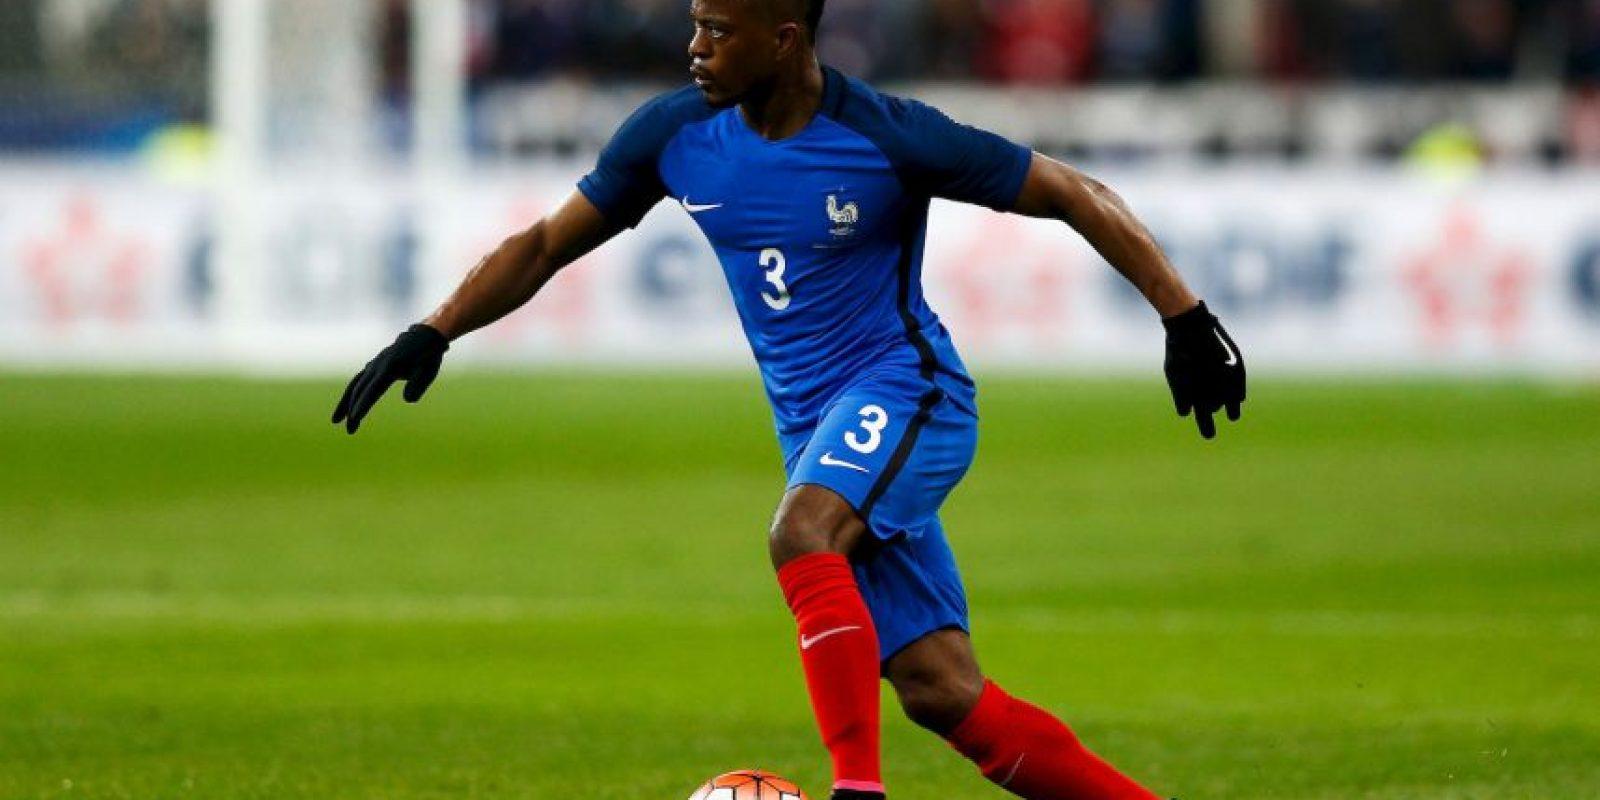 A sus 35, el lateral francés jugará su tercera Eurocopa y espera devolverle a los galos el ansiado título que consiguieron por última vez en 2000 Foto:Getty Images